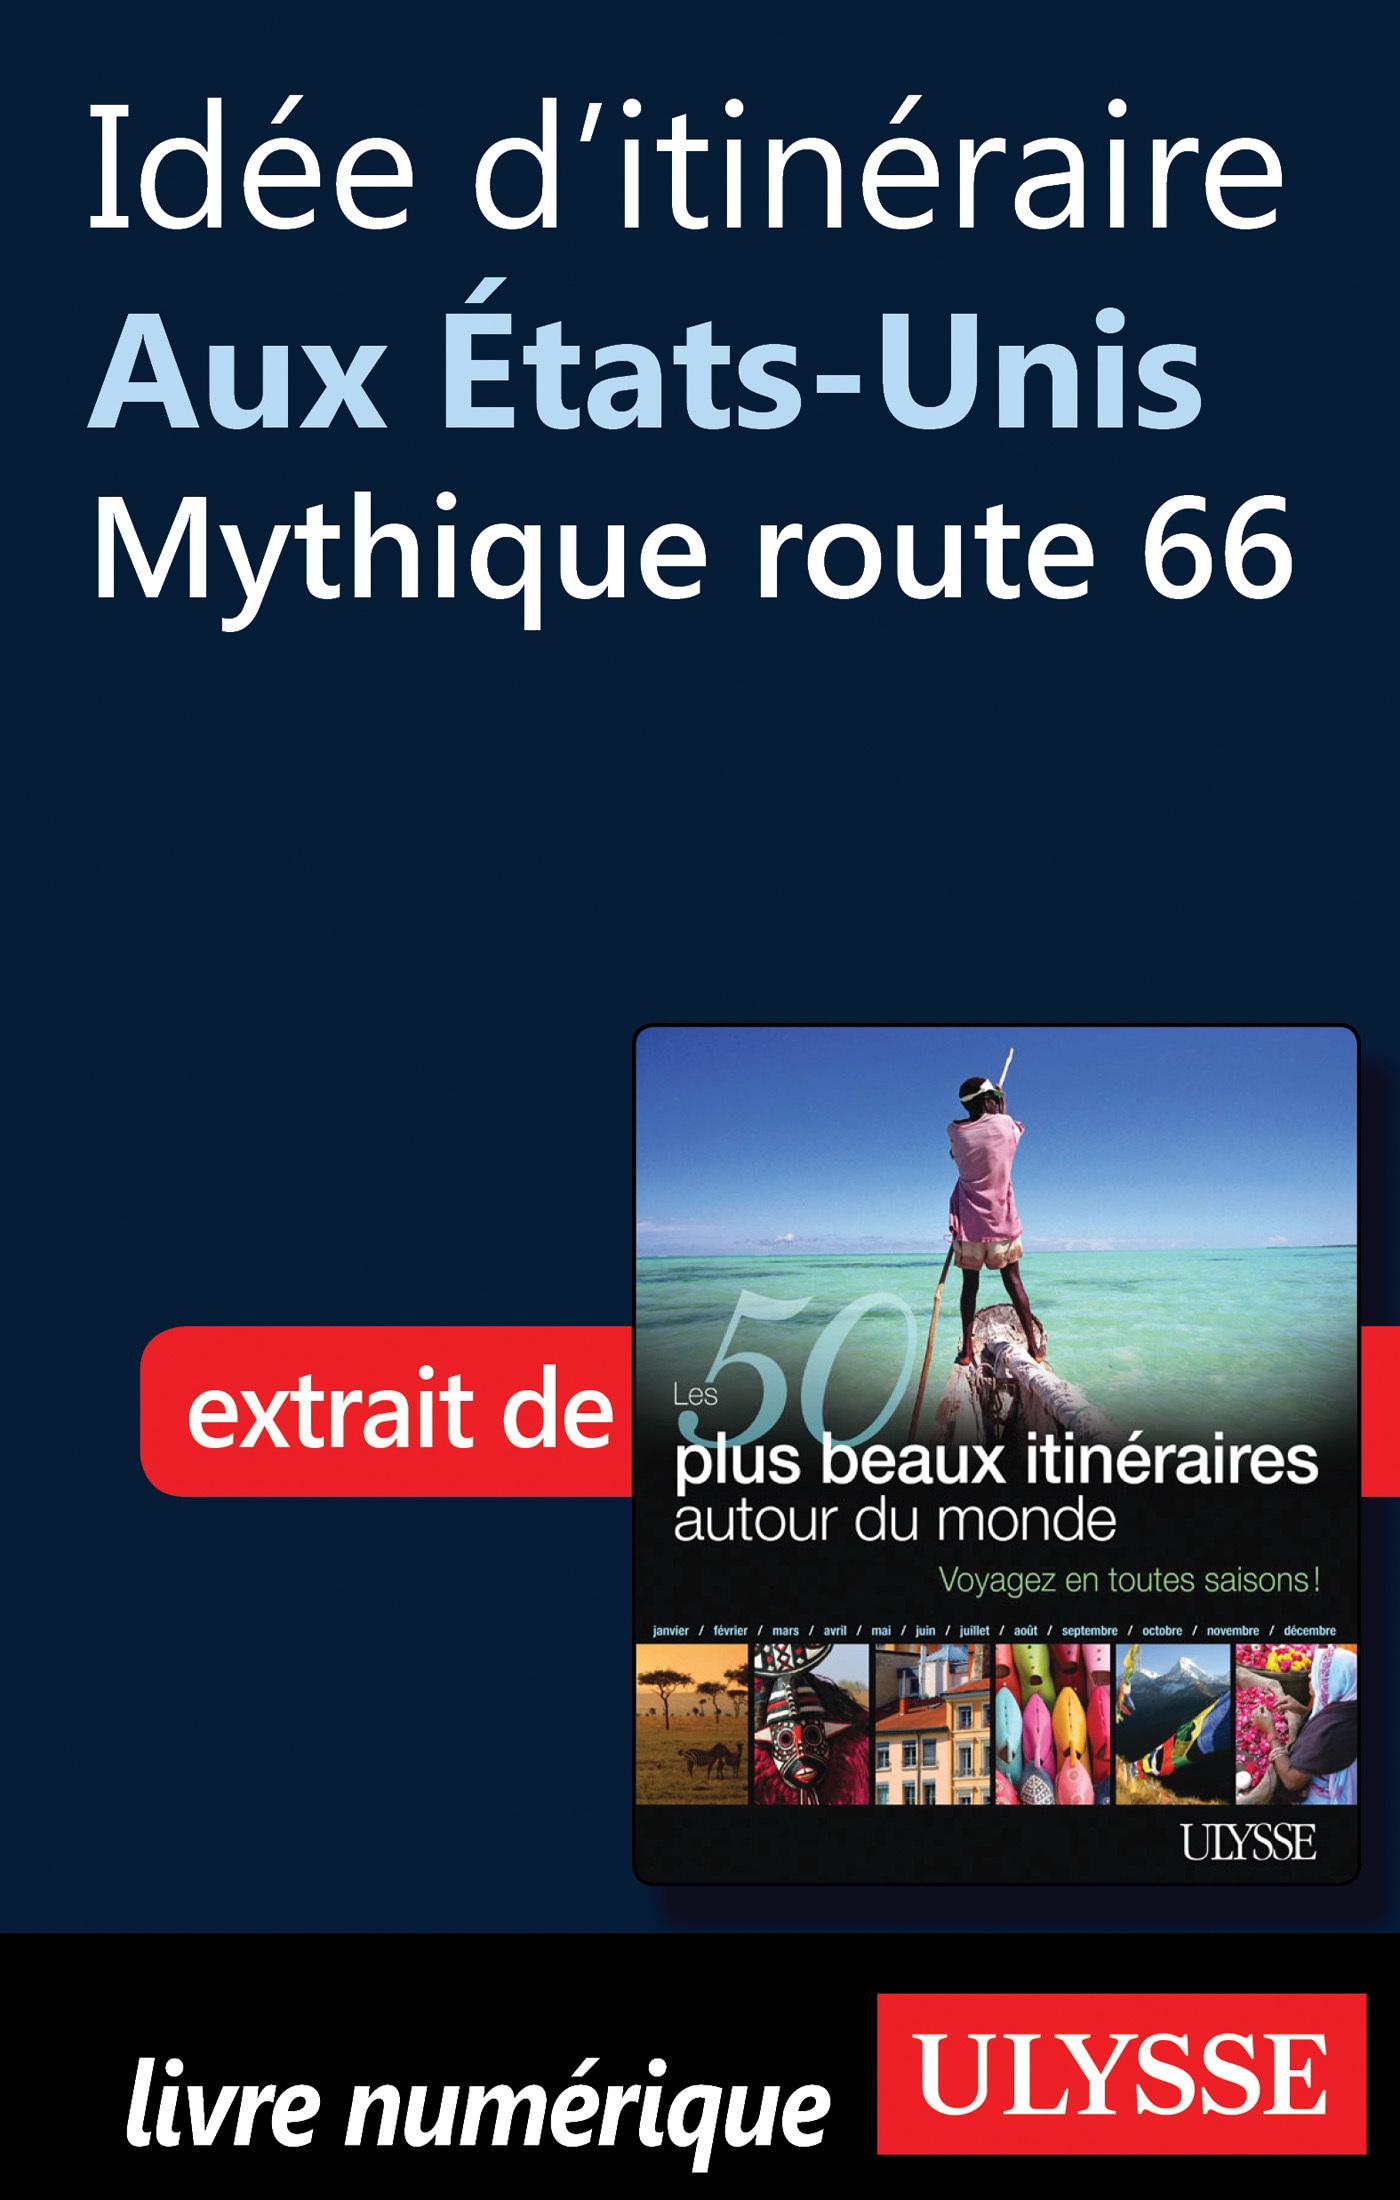 Idée d'itinéraire aux Etats-Unis : Mythique route 66